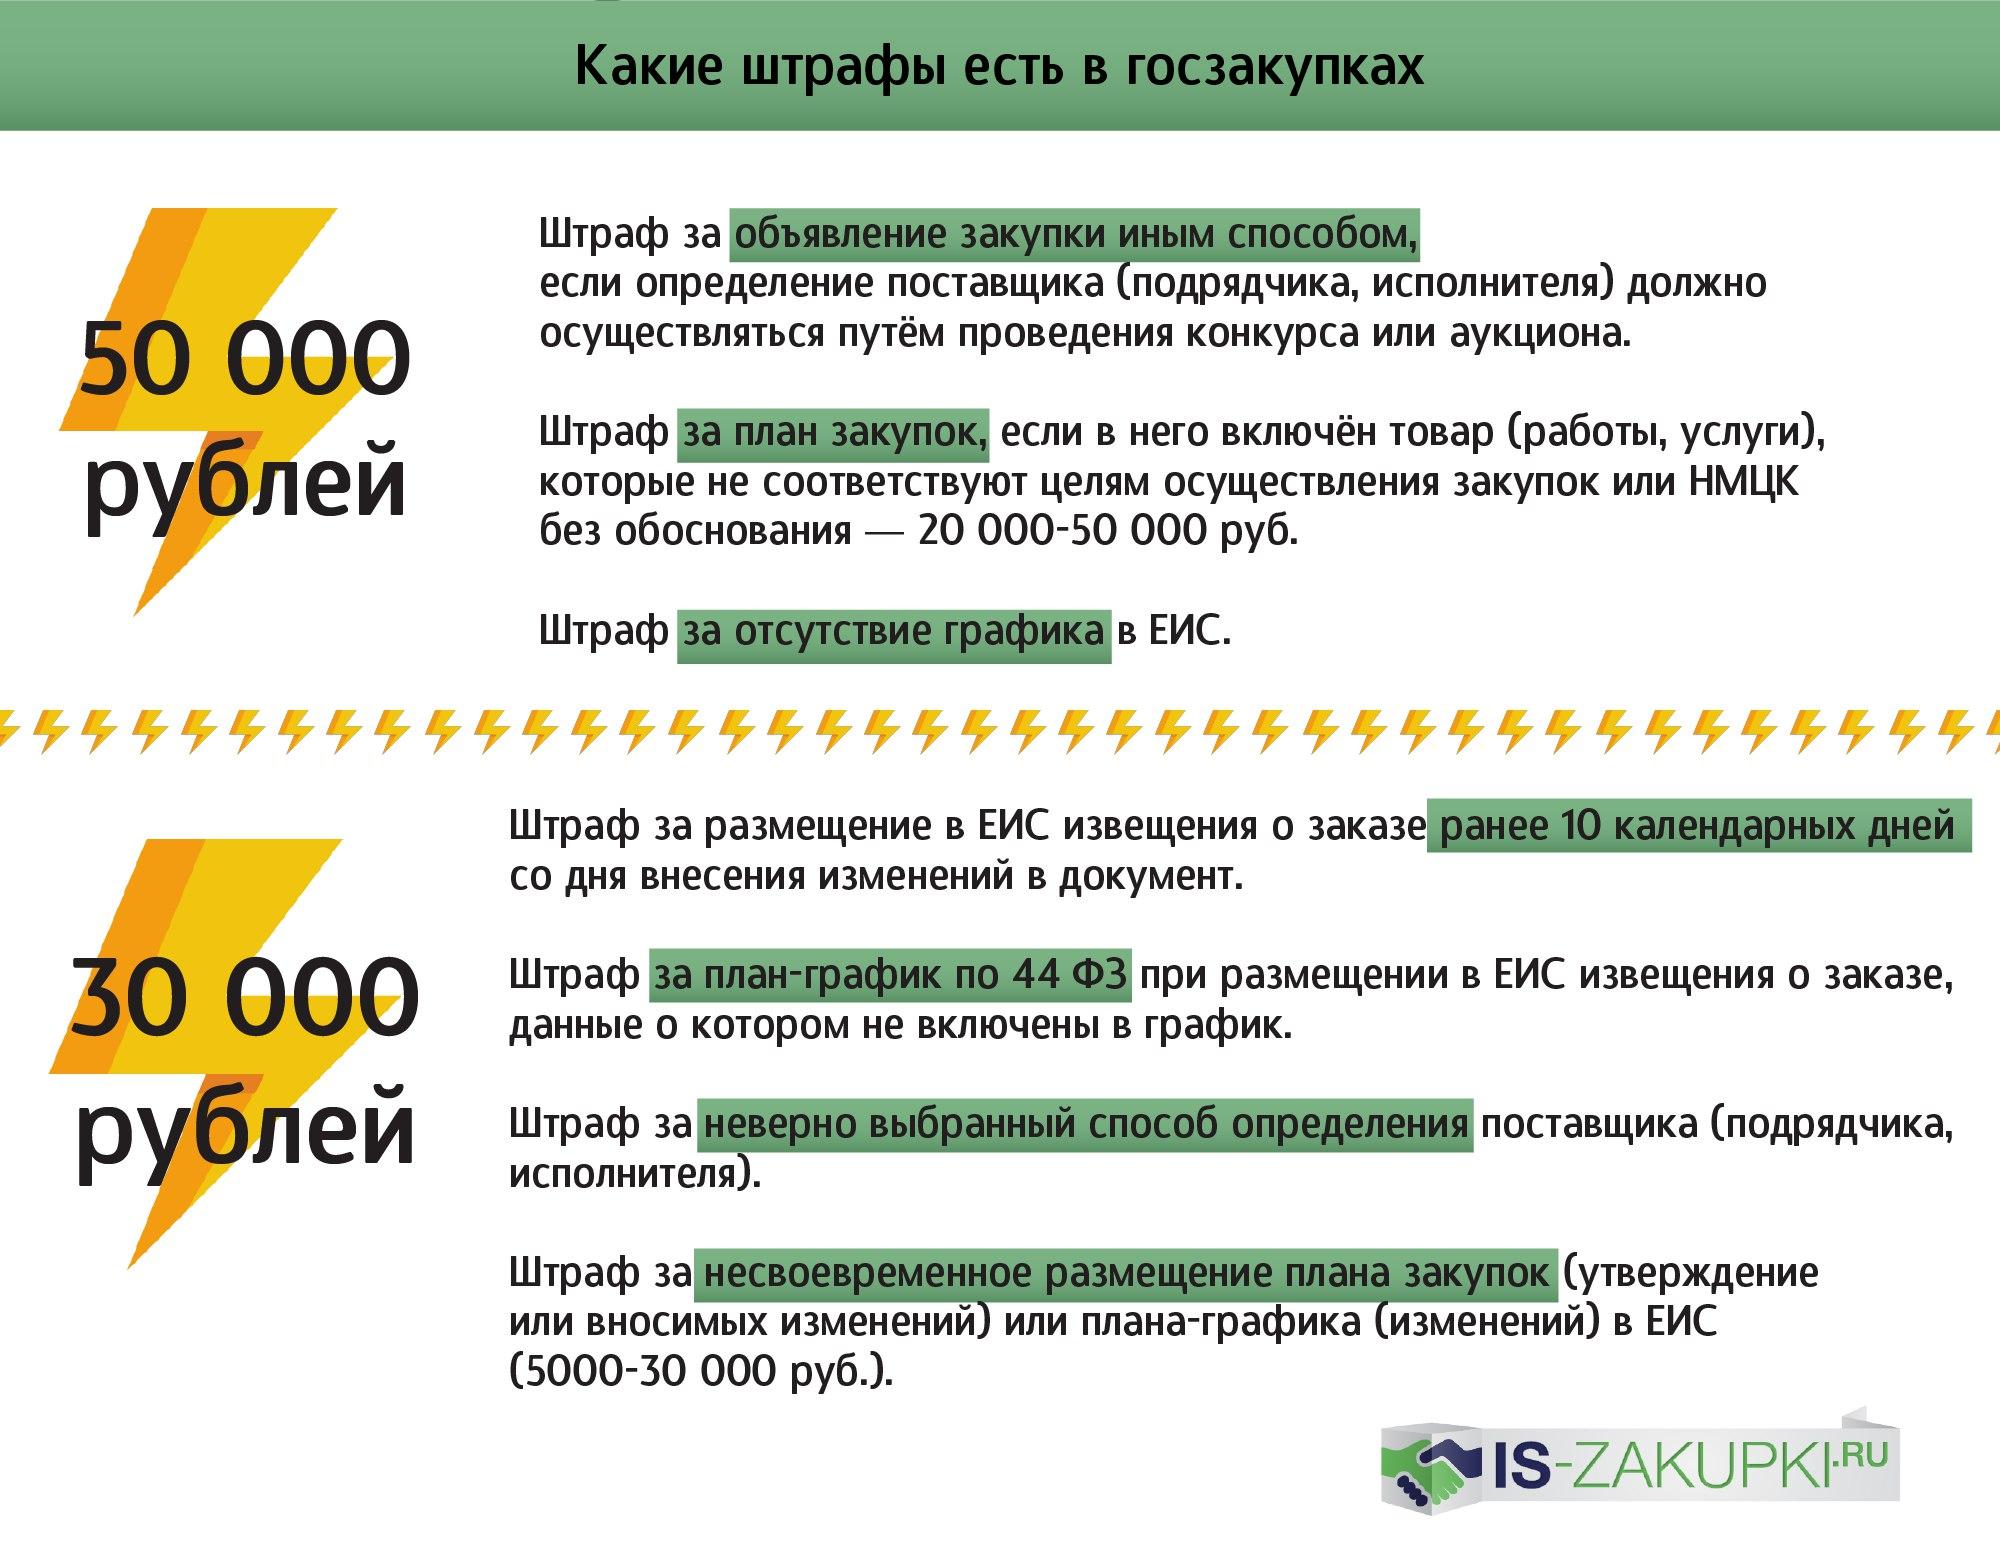 штрафы в госзакупках is-zakupki.ru